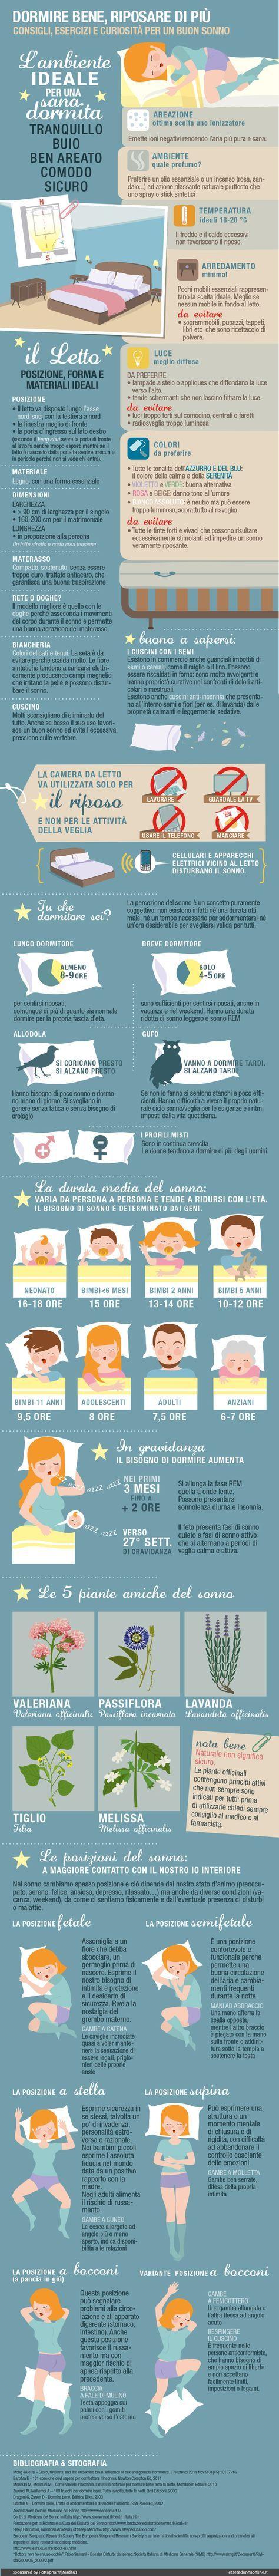 Dormire bene, riposare di più – Consigli, esercizi e curiosità per un buon sonno - Esseredonnaonline